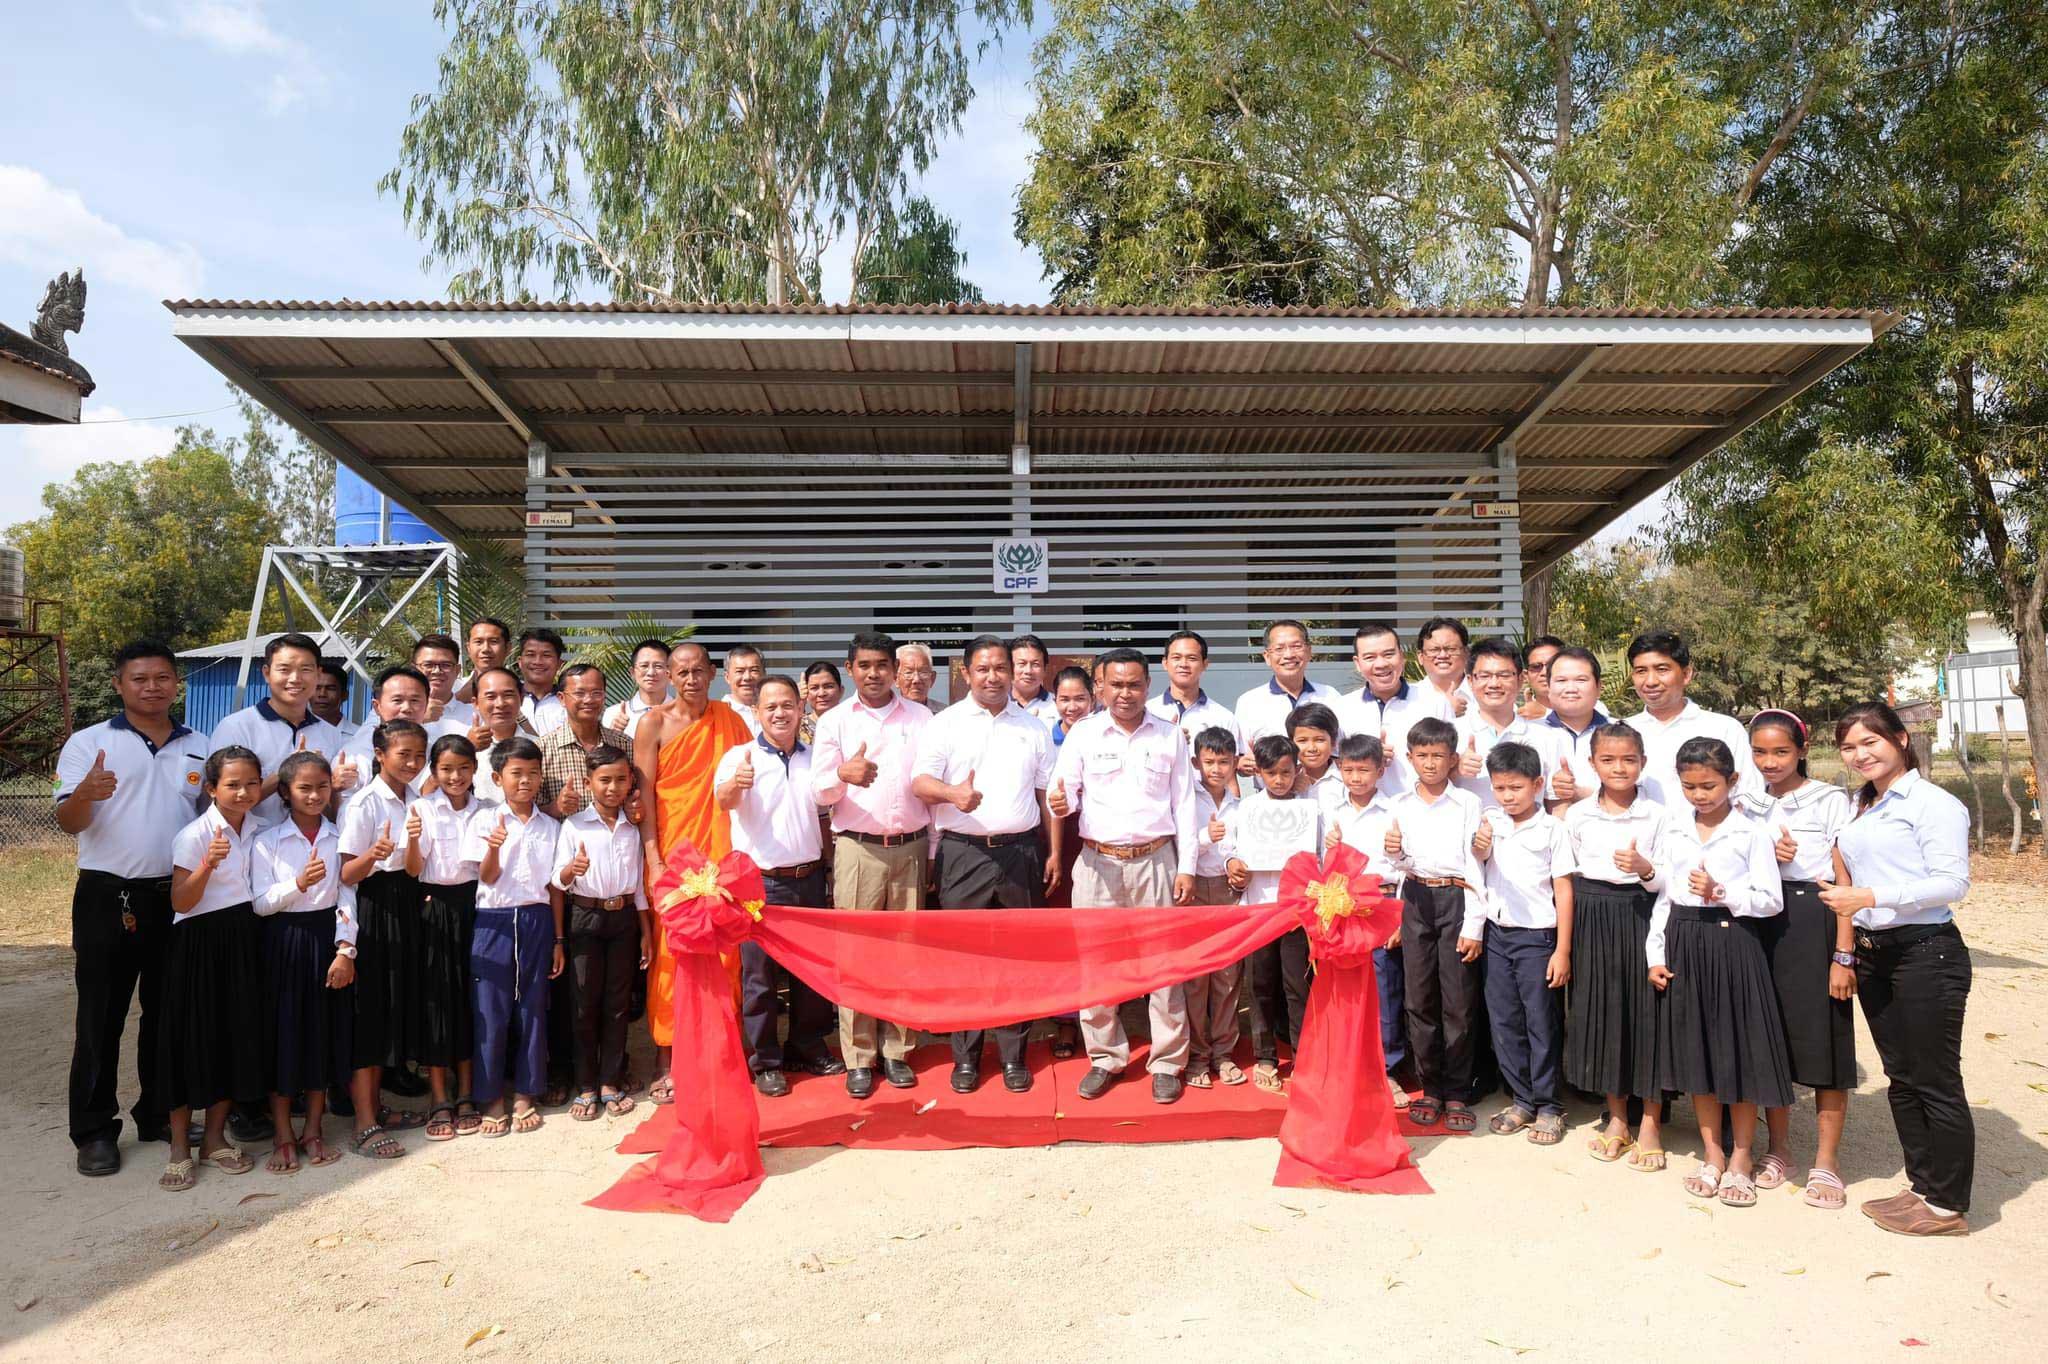 ซี.พี. กัมพูชา ตอบแทนชุมชนและสังคม ส่งมอบห้องน้ำสะอาด เพื่อสุขอนามัยที่ดีแก่น้องๆ